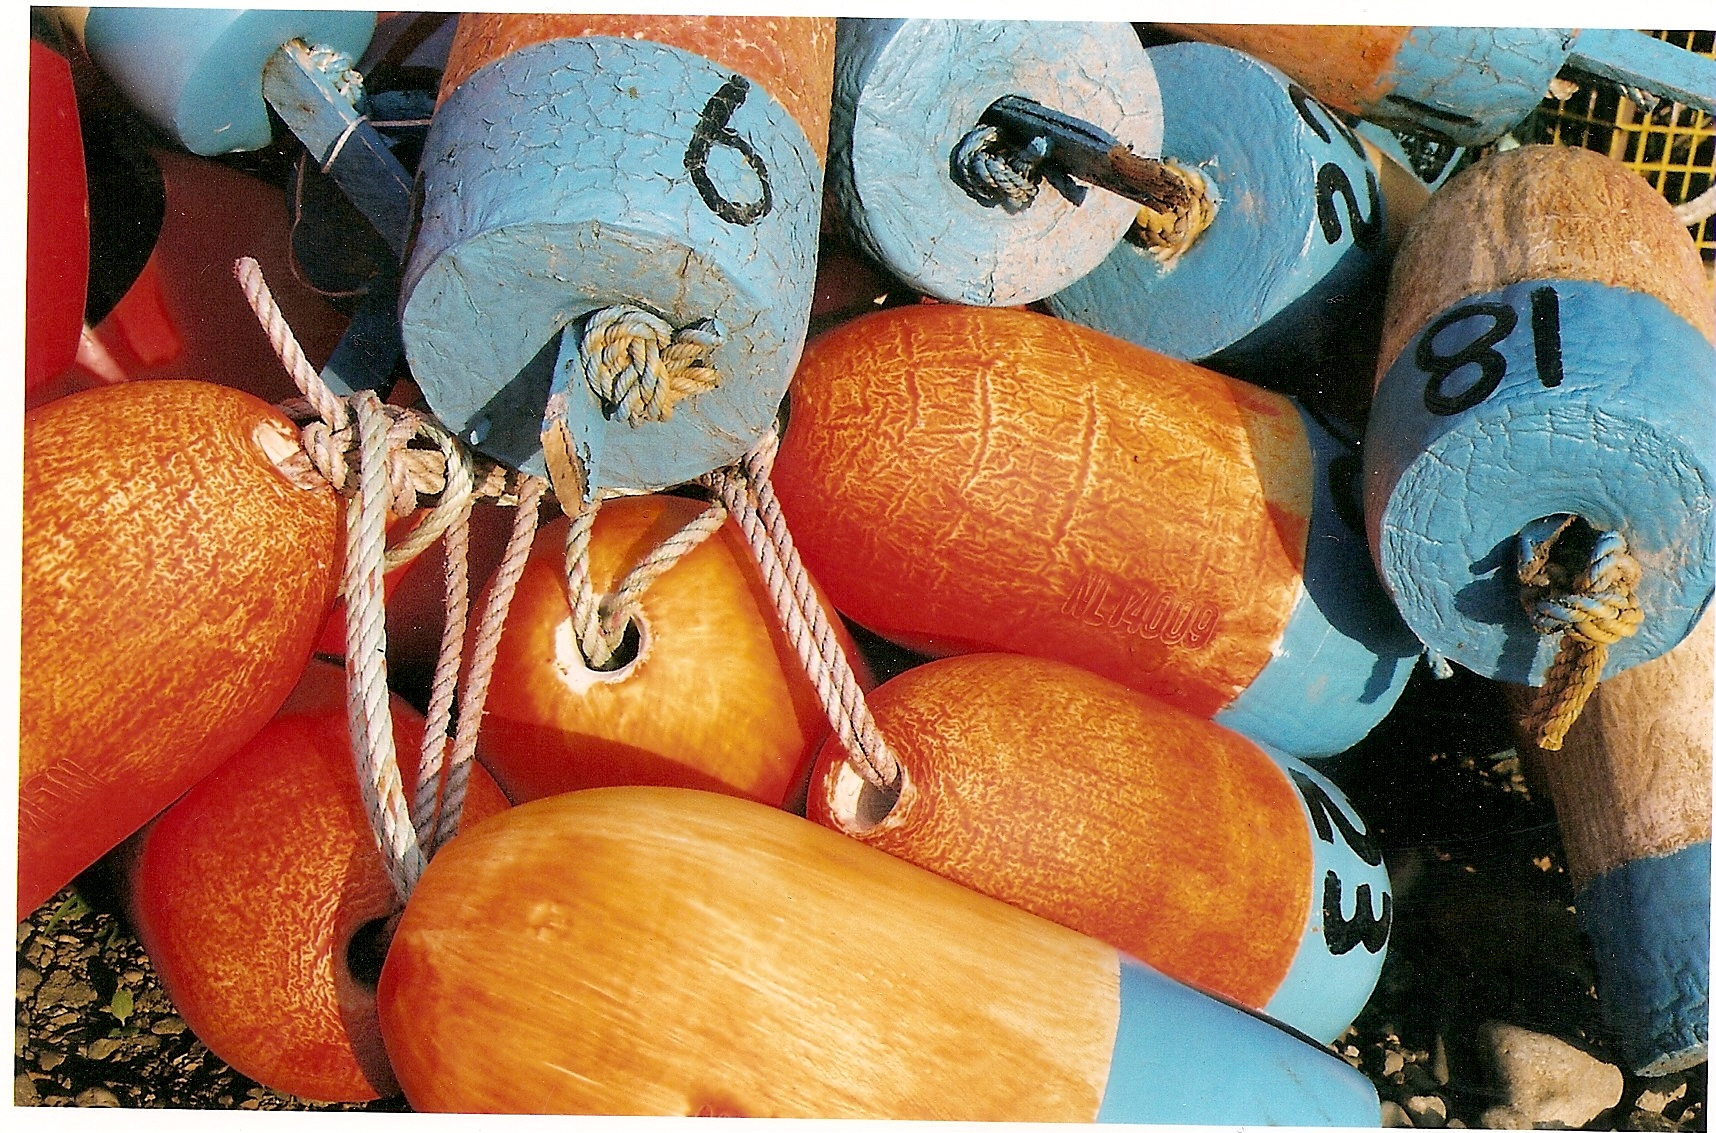 Maine lobster buoys